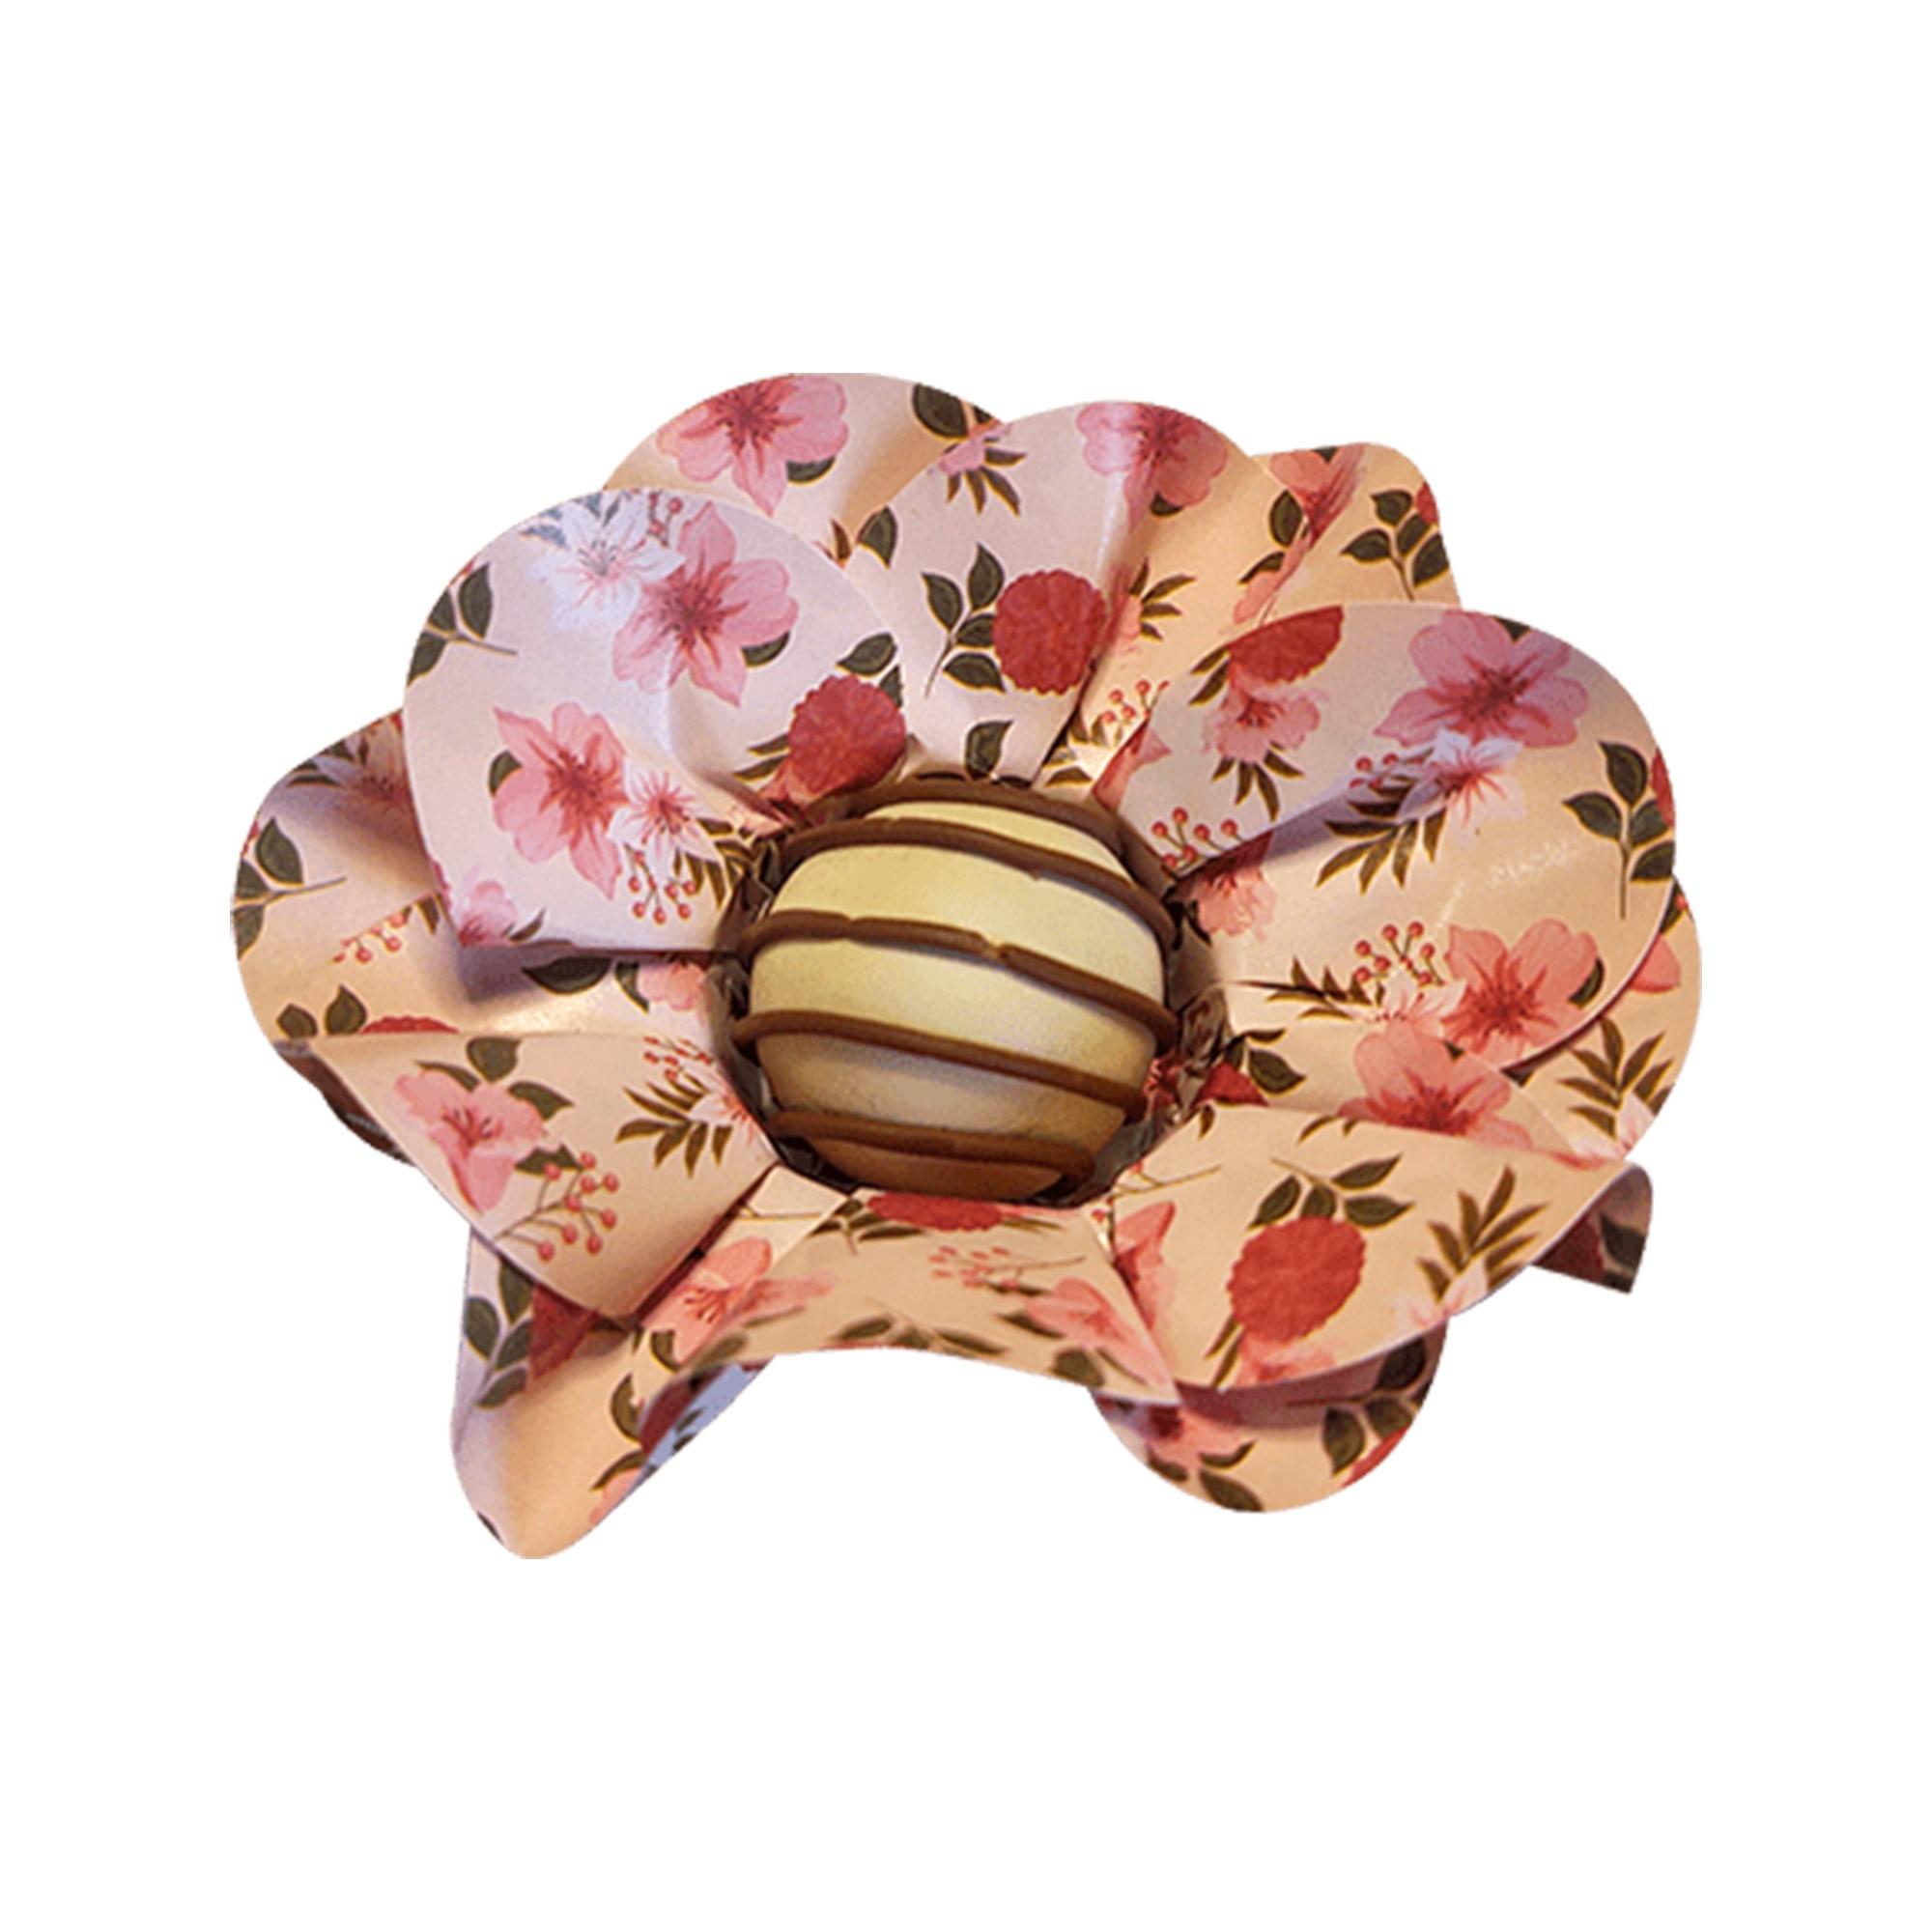 Forminha para Doces Margarida em Papel Especial Floral Nude Kit 40 Unidades